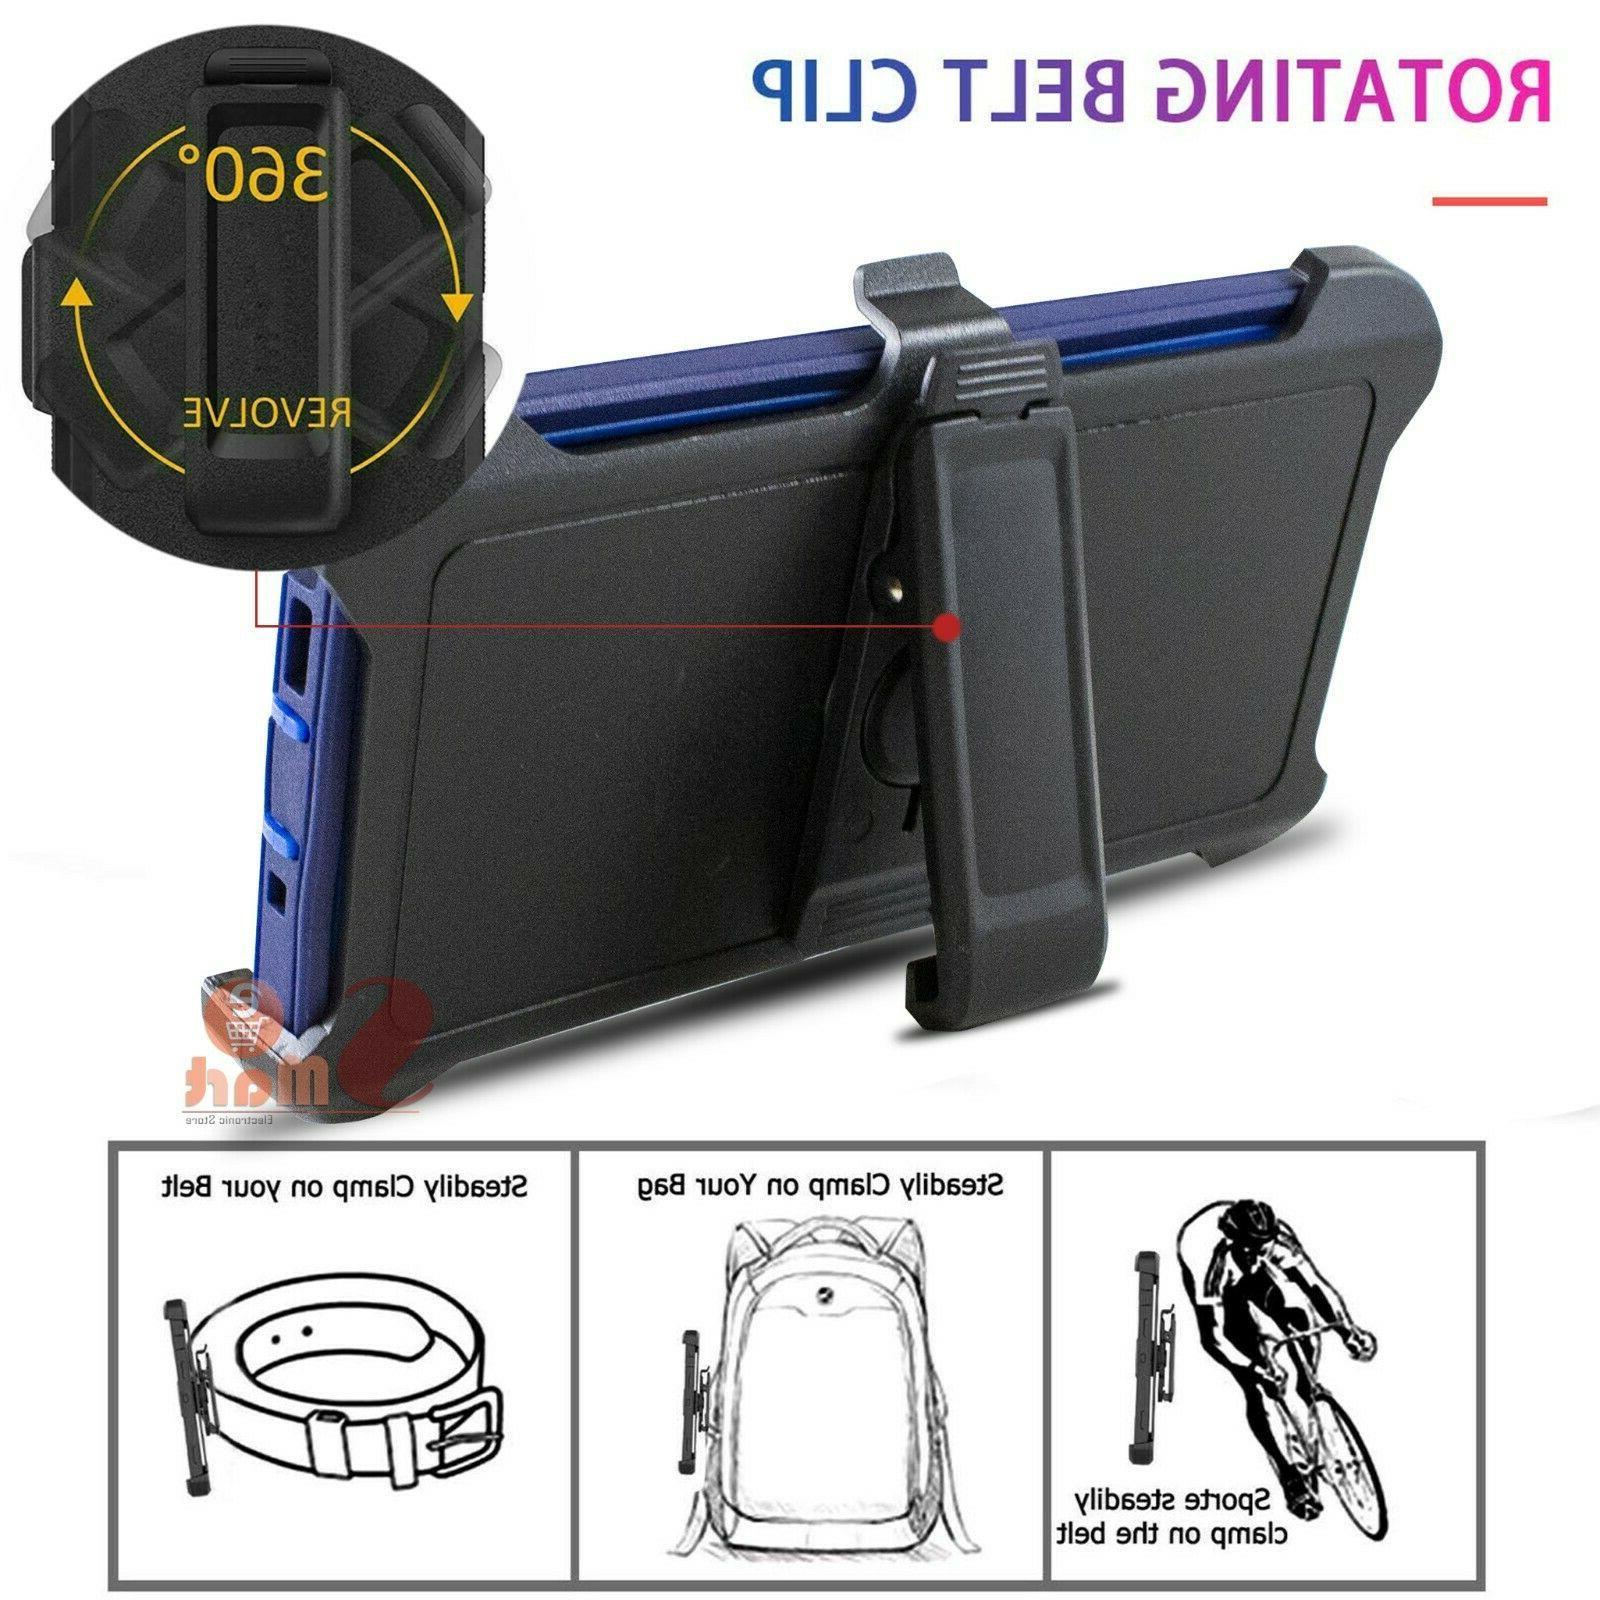 For Samsung 10 Defender W/ Belt